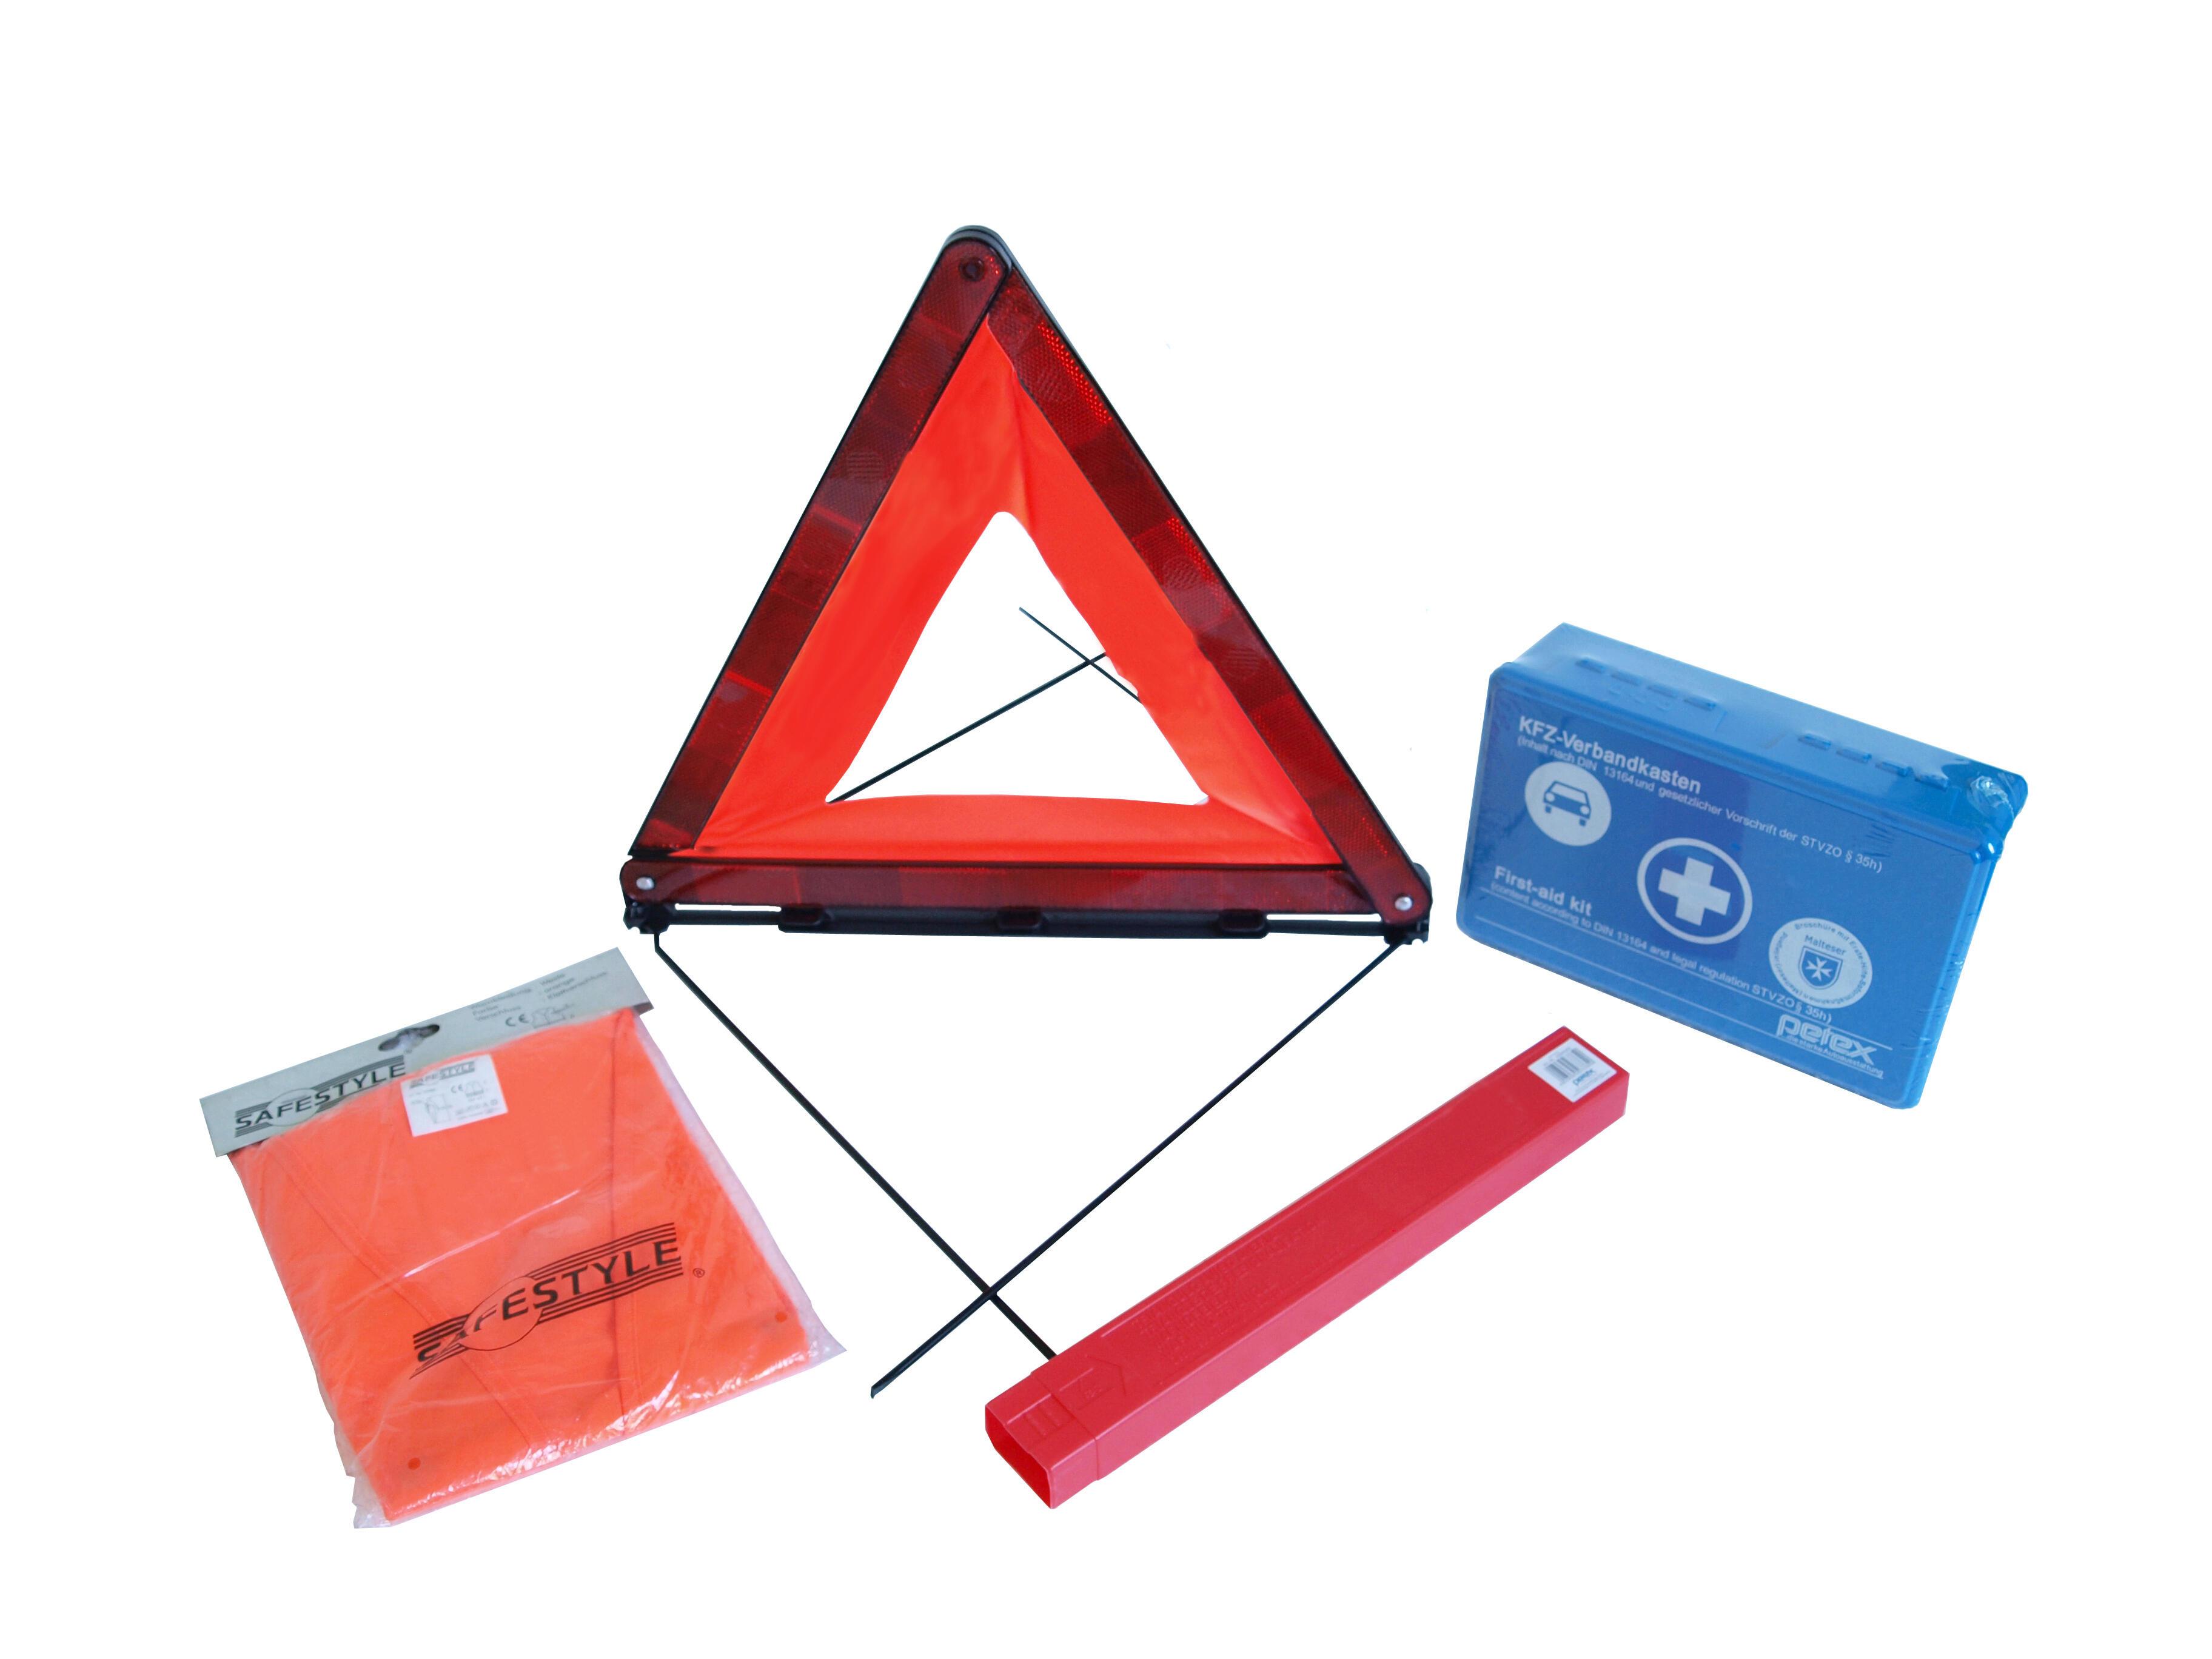 Sicherheitsset Warnweste + Verbandkasten + Warndreieck + Pannendreieck